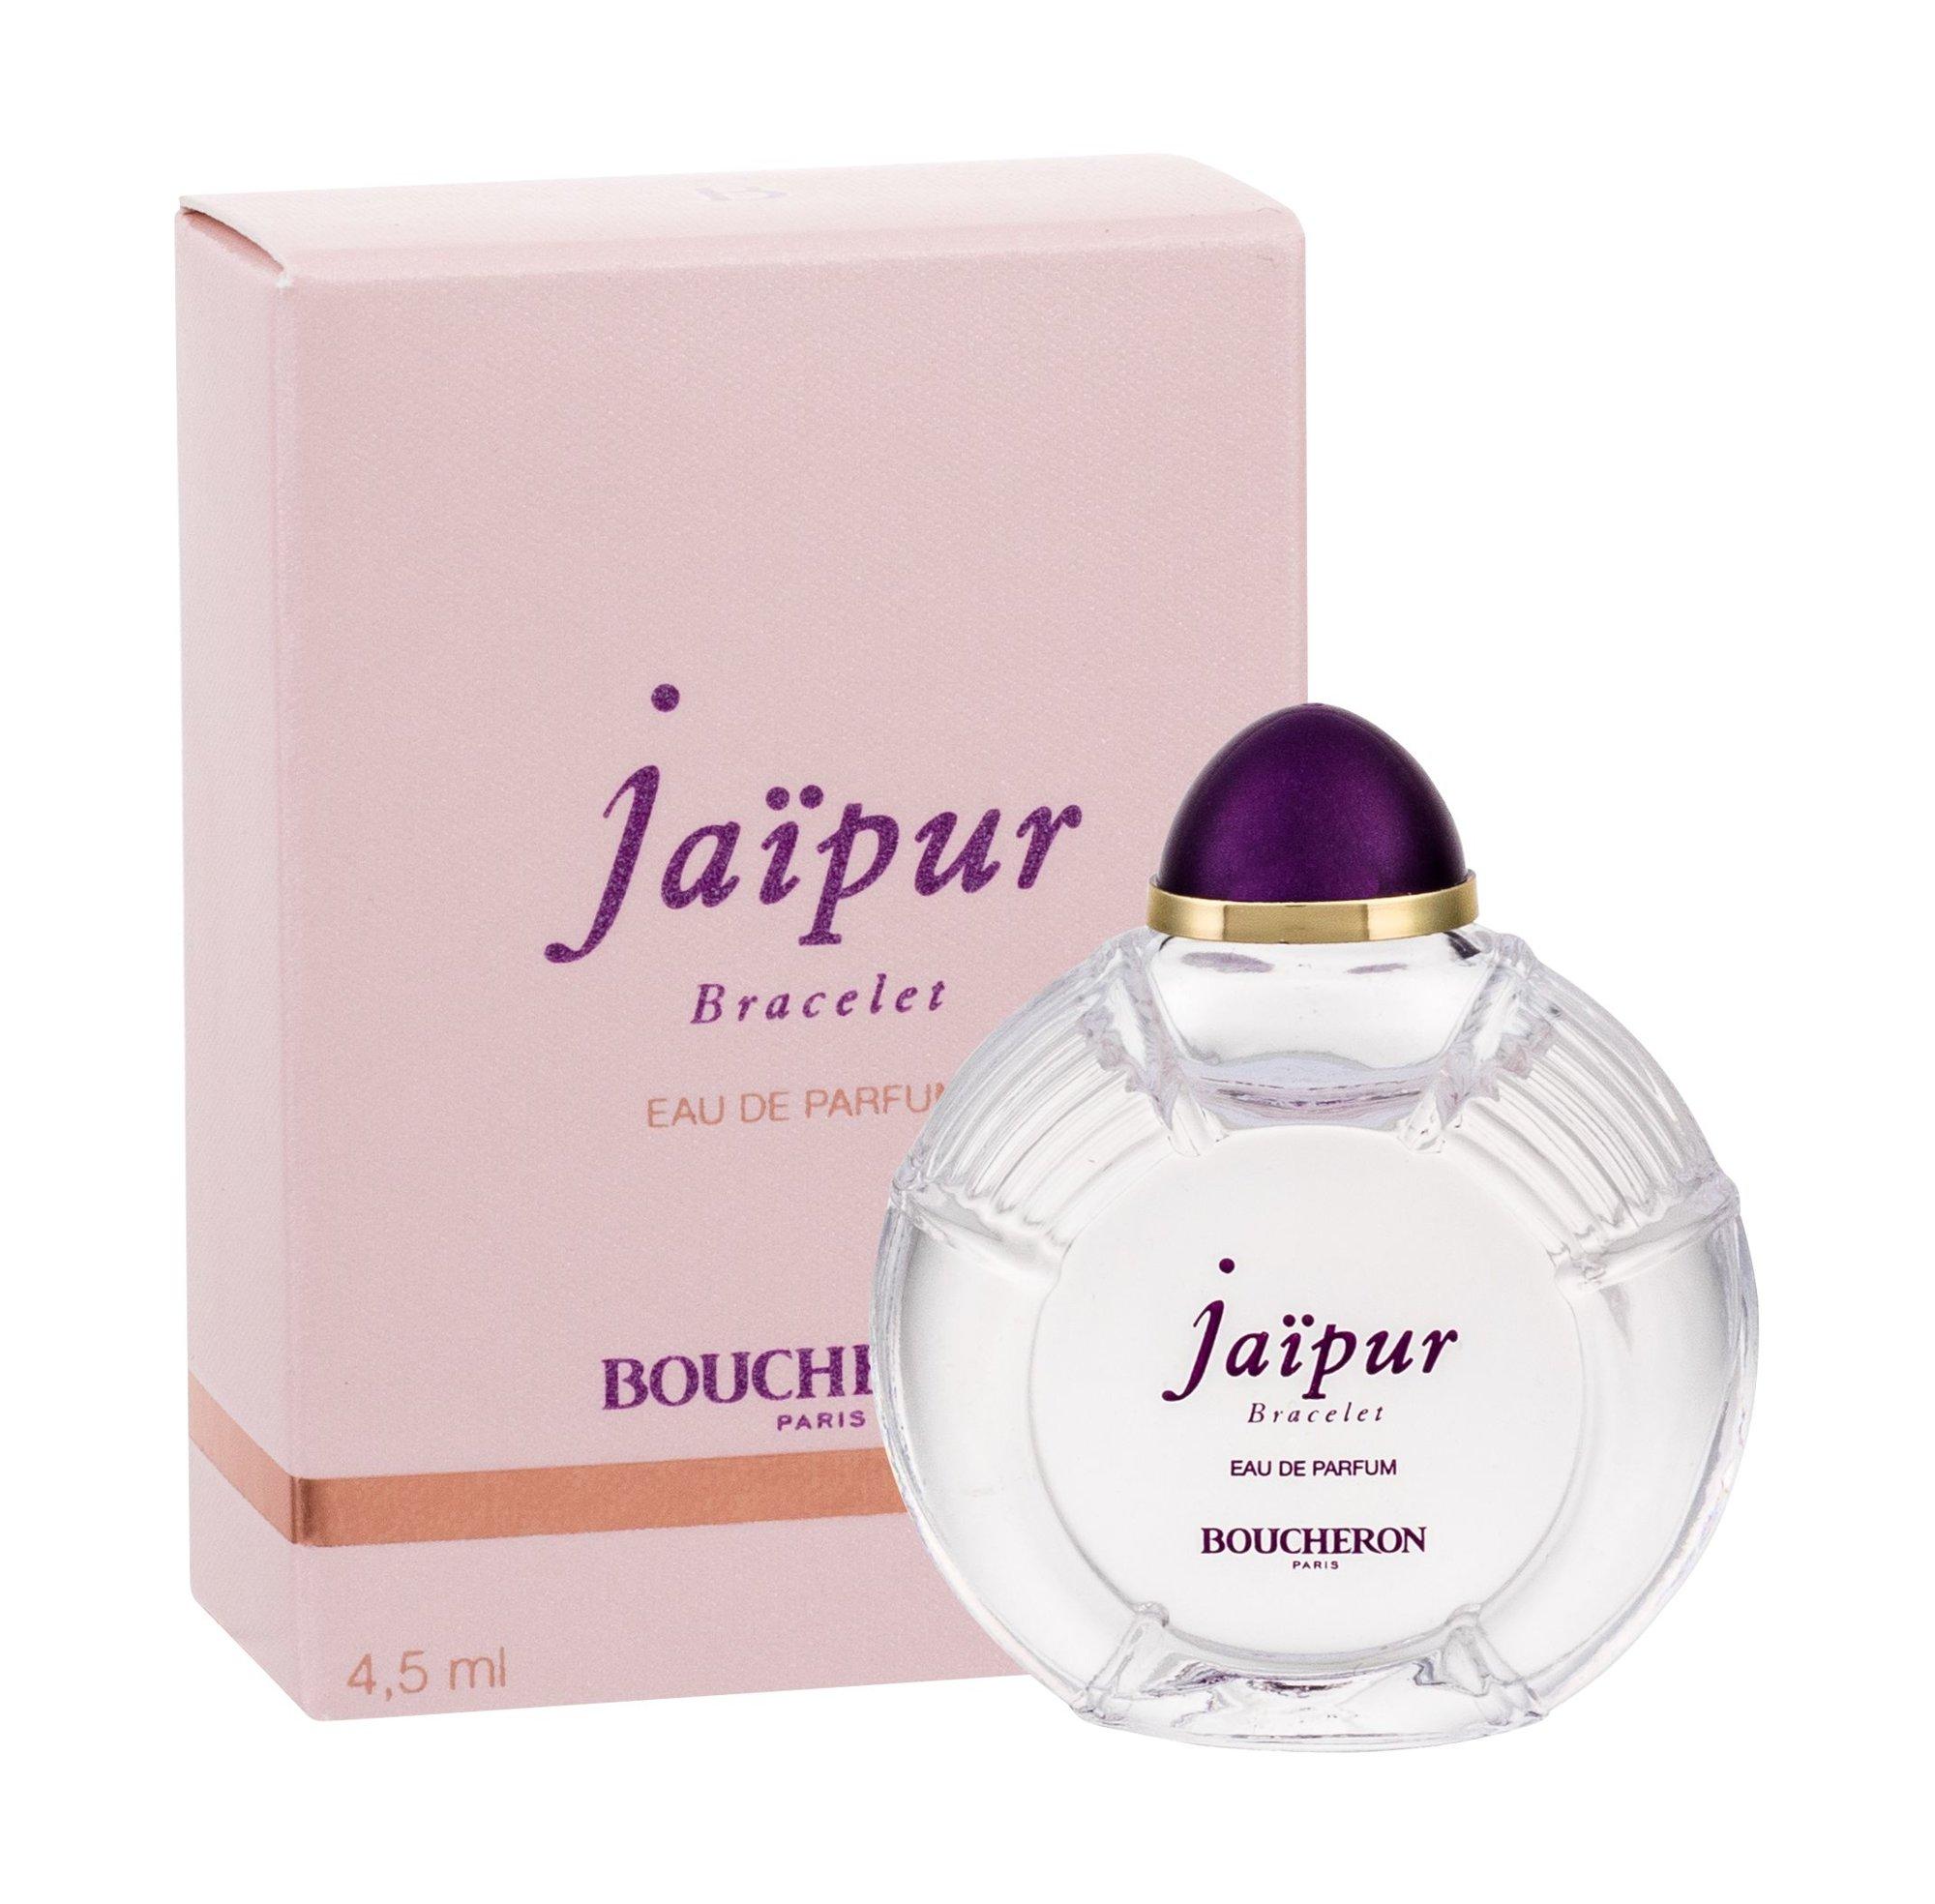 Kvepalai Boucheron Jaipur Bracelet